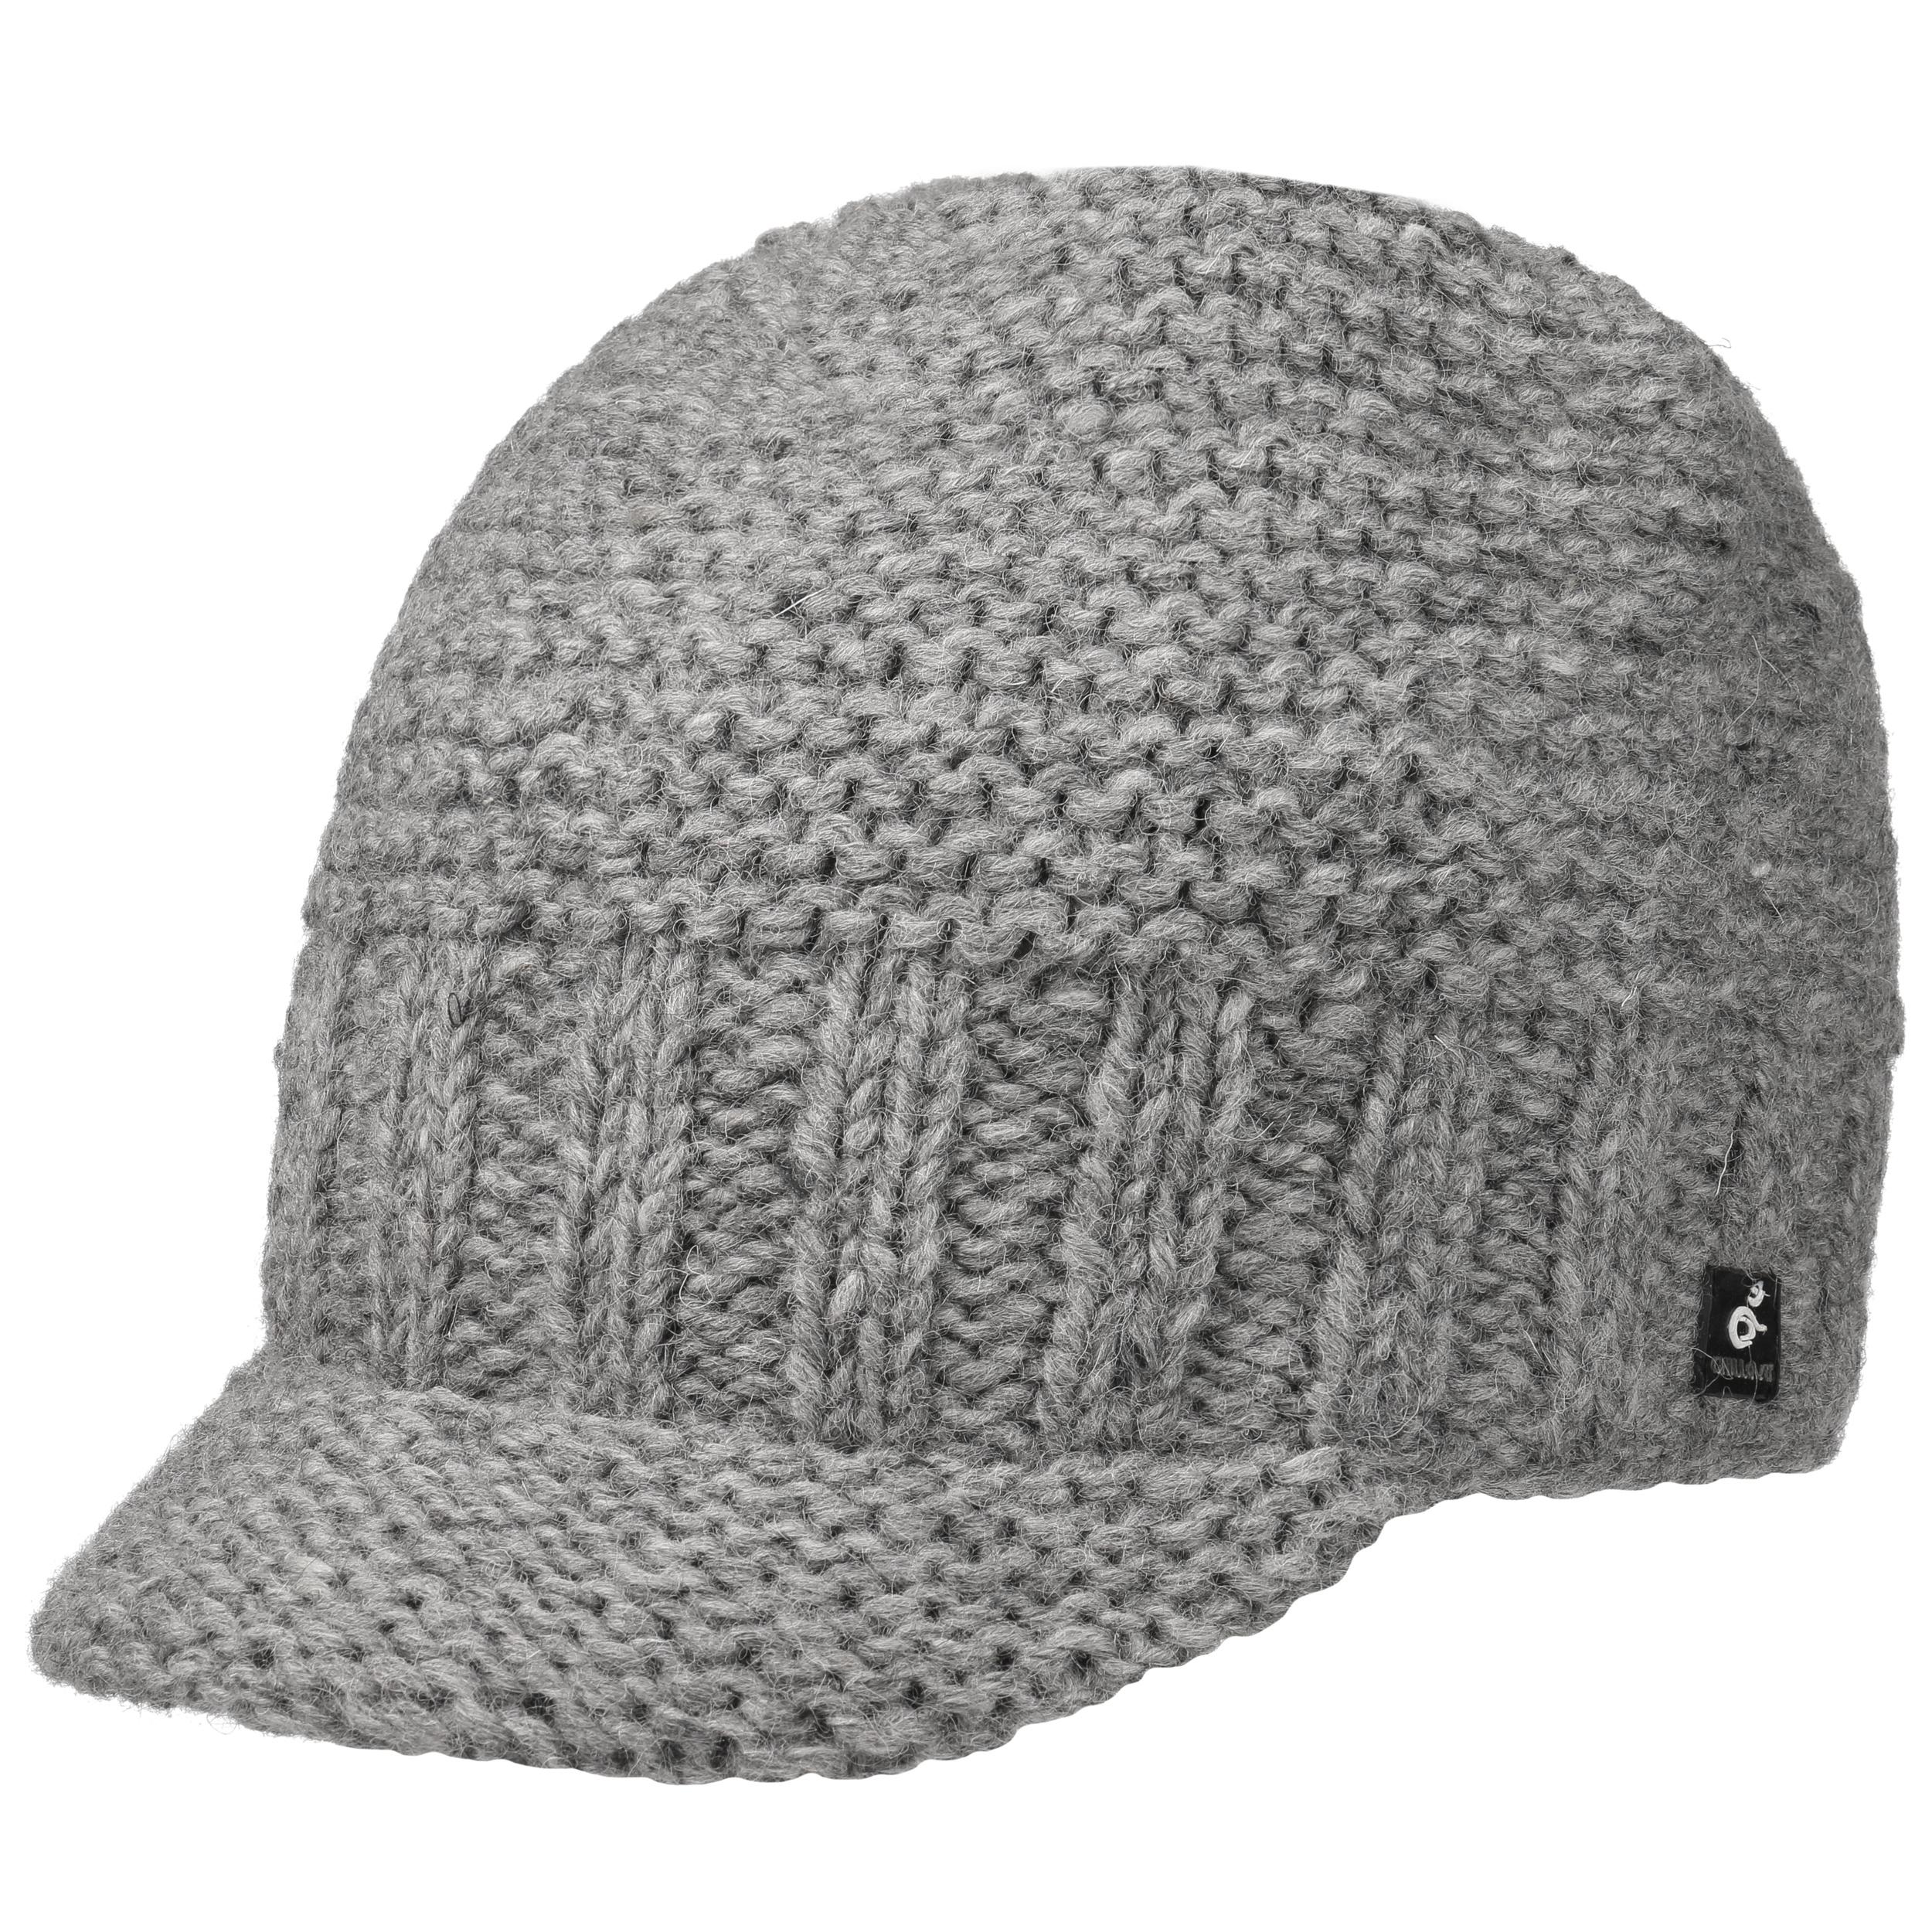 Bonnet en Tricot Inverno Wool by Chillouts, EUR 27,95 --  Chapeaux ... ca6a48e44ba